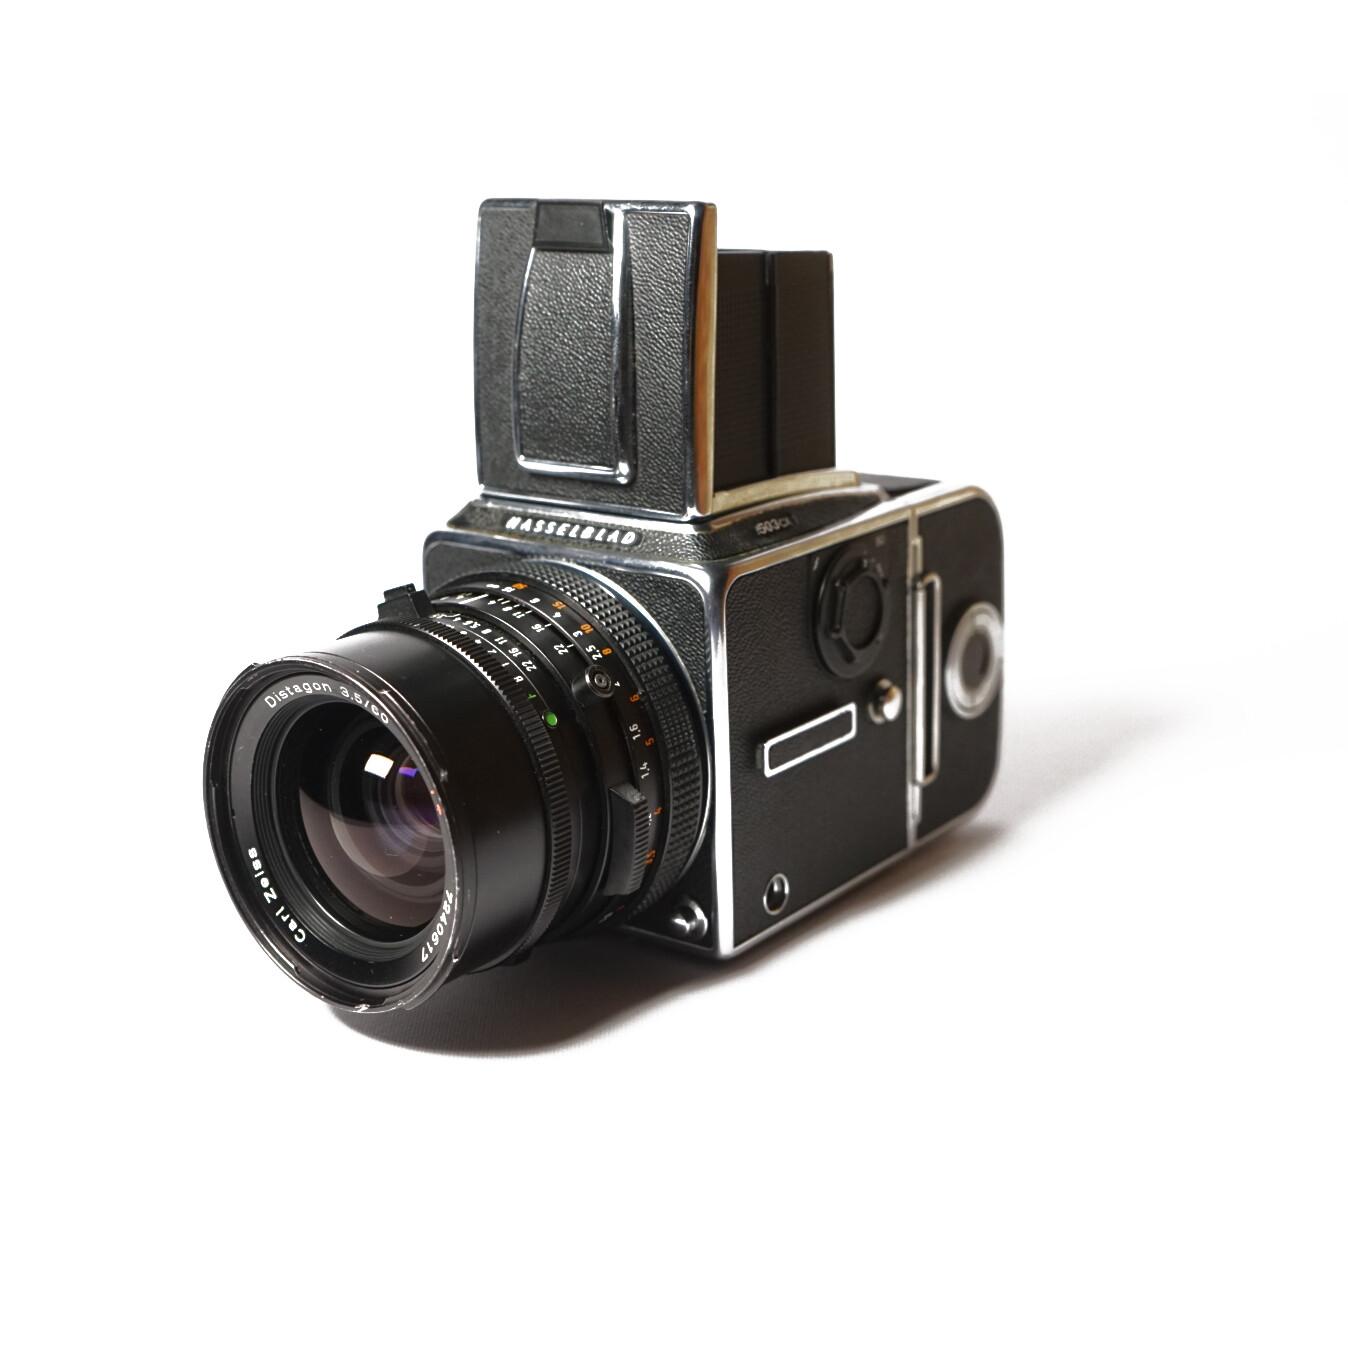 HASSELBLAD 503CX Chrome, Planar 60mm/F3,5 CF T*